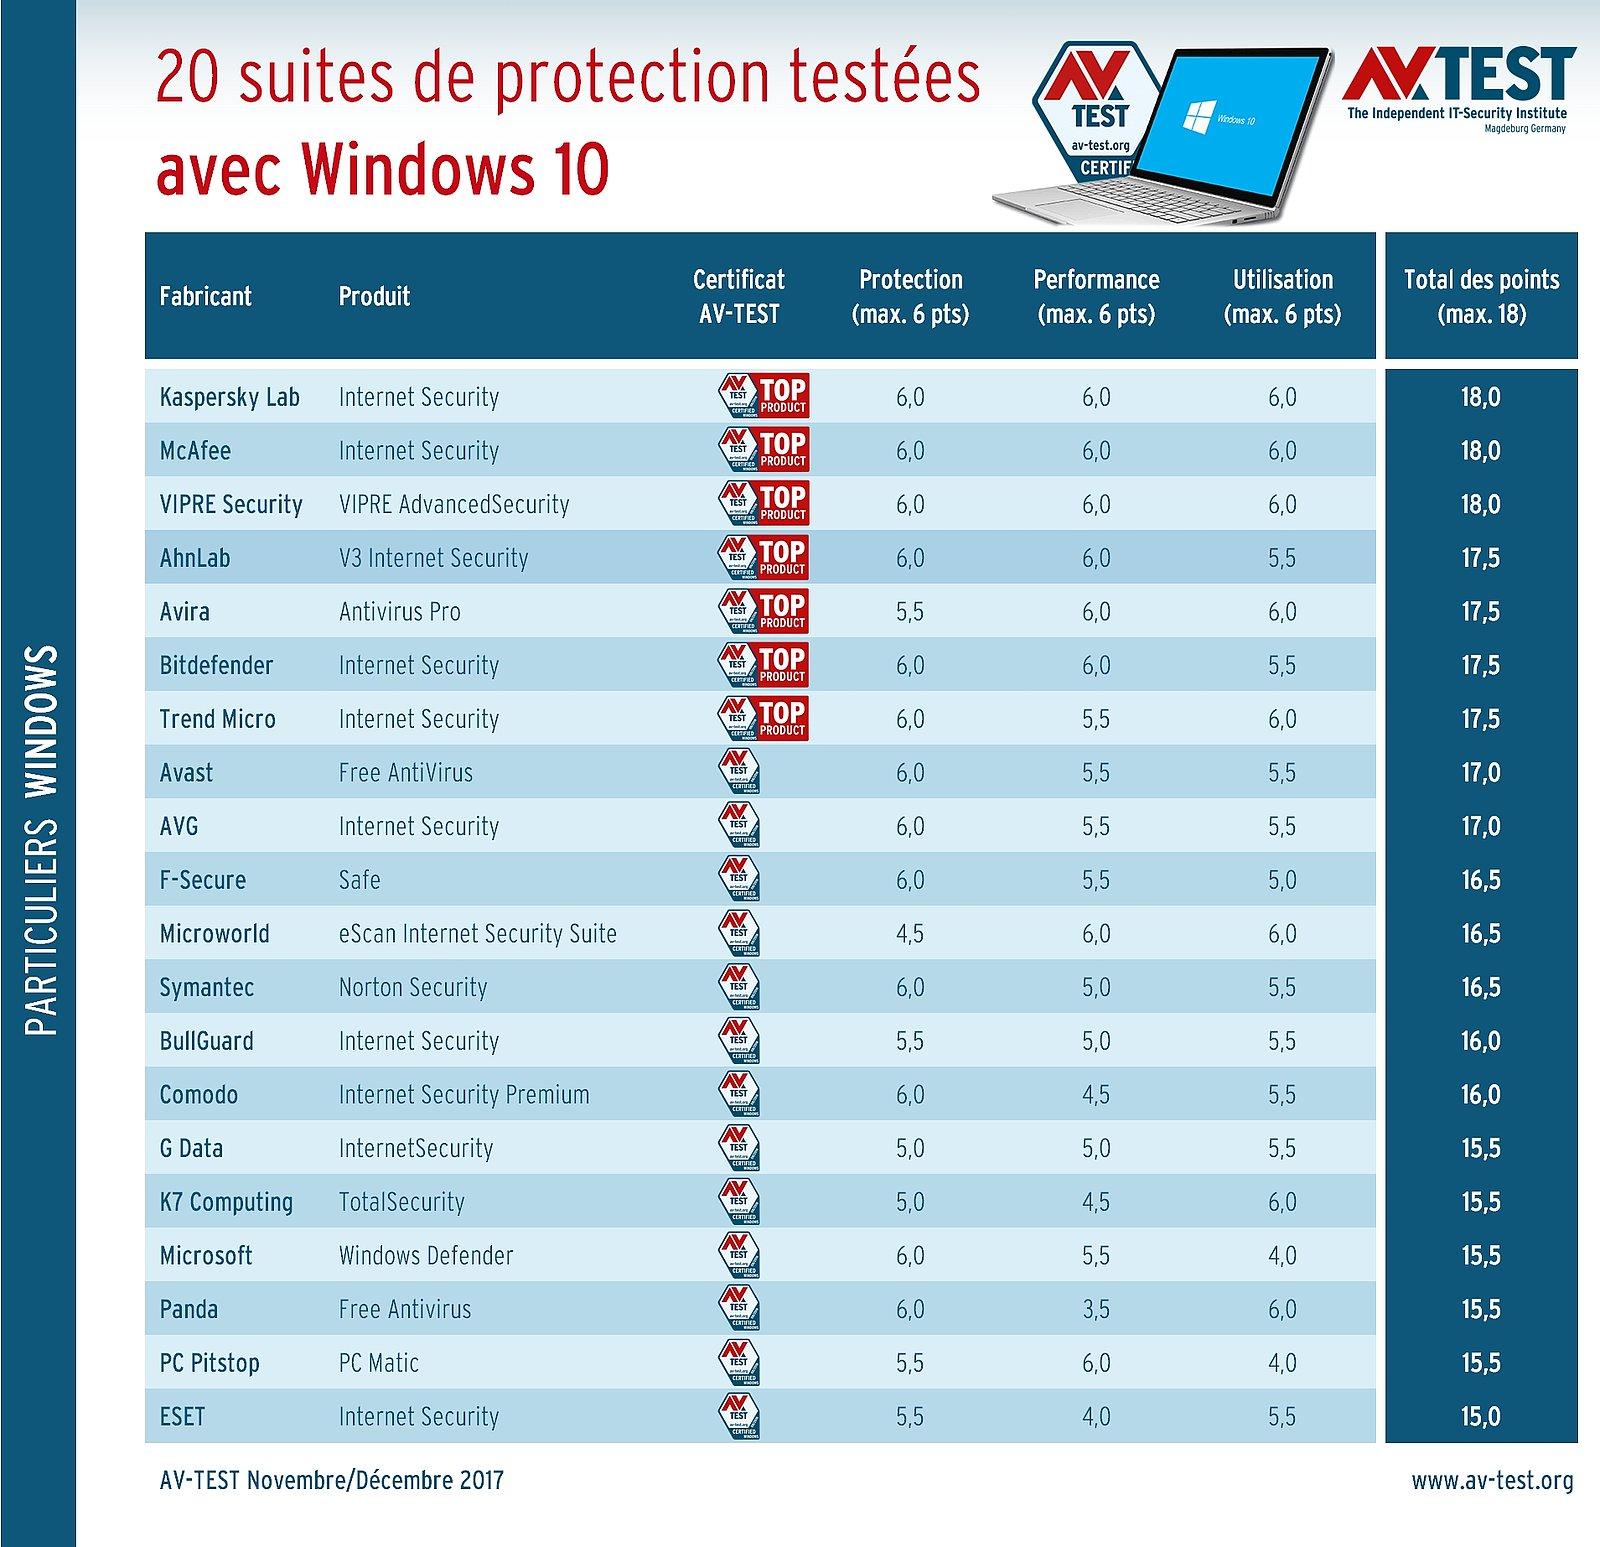 Les meilleures Suites de protection pour Windows 10 selon Av-Test.